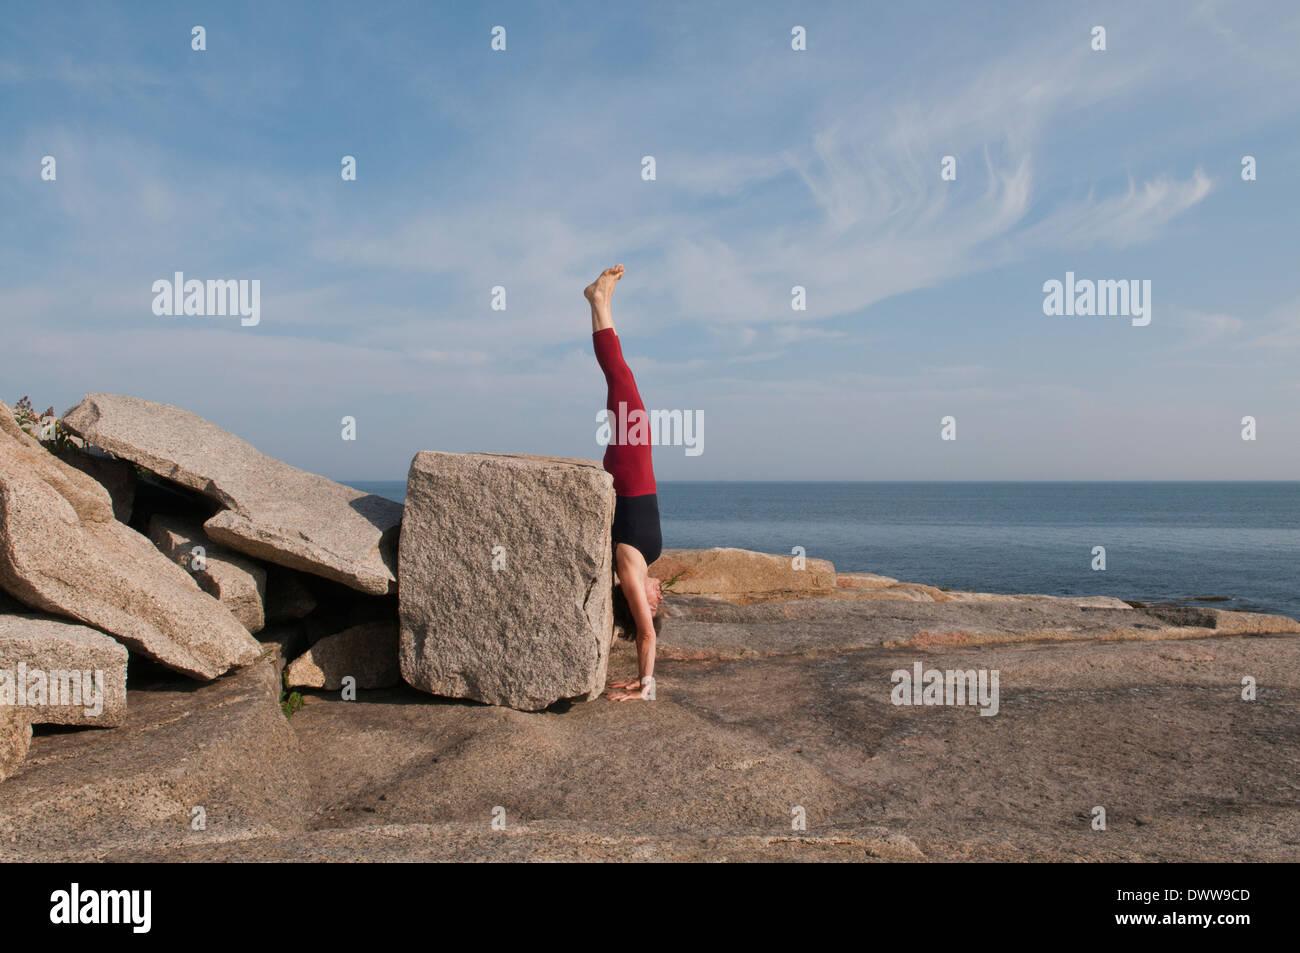 Iyengar Yoga Instructor Demonstrates Adho Mukha Vriksasana (Inverted). Stock Photo